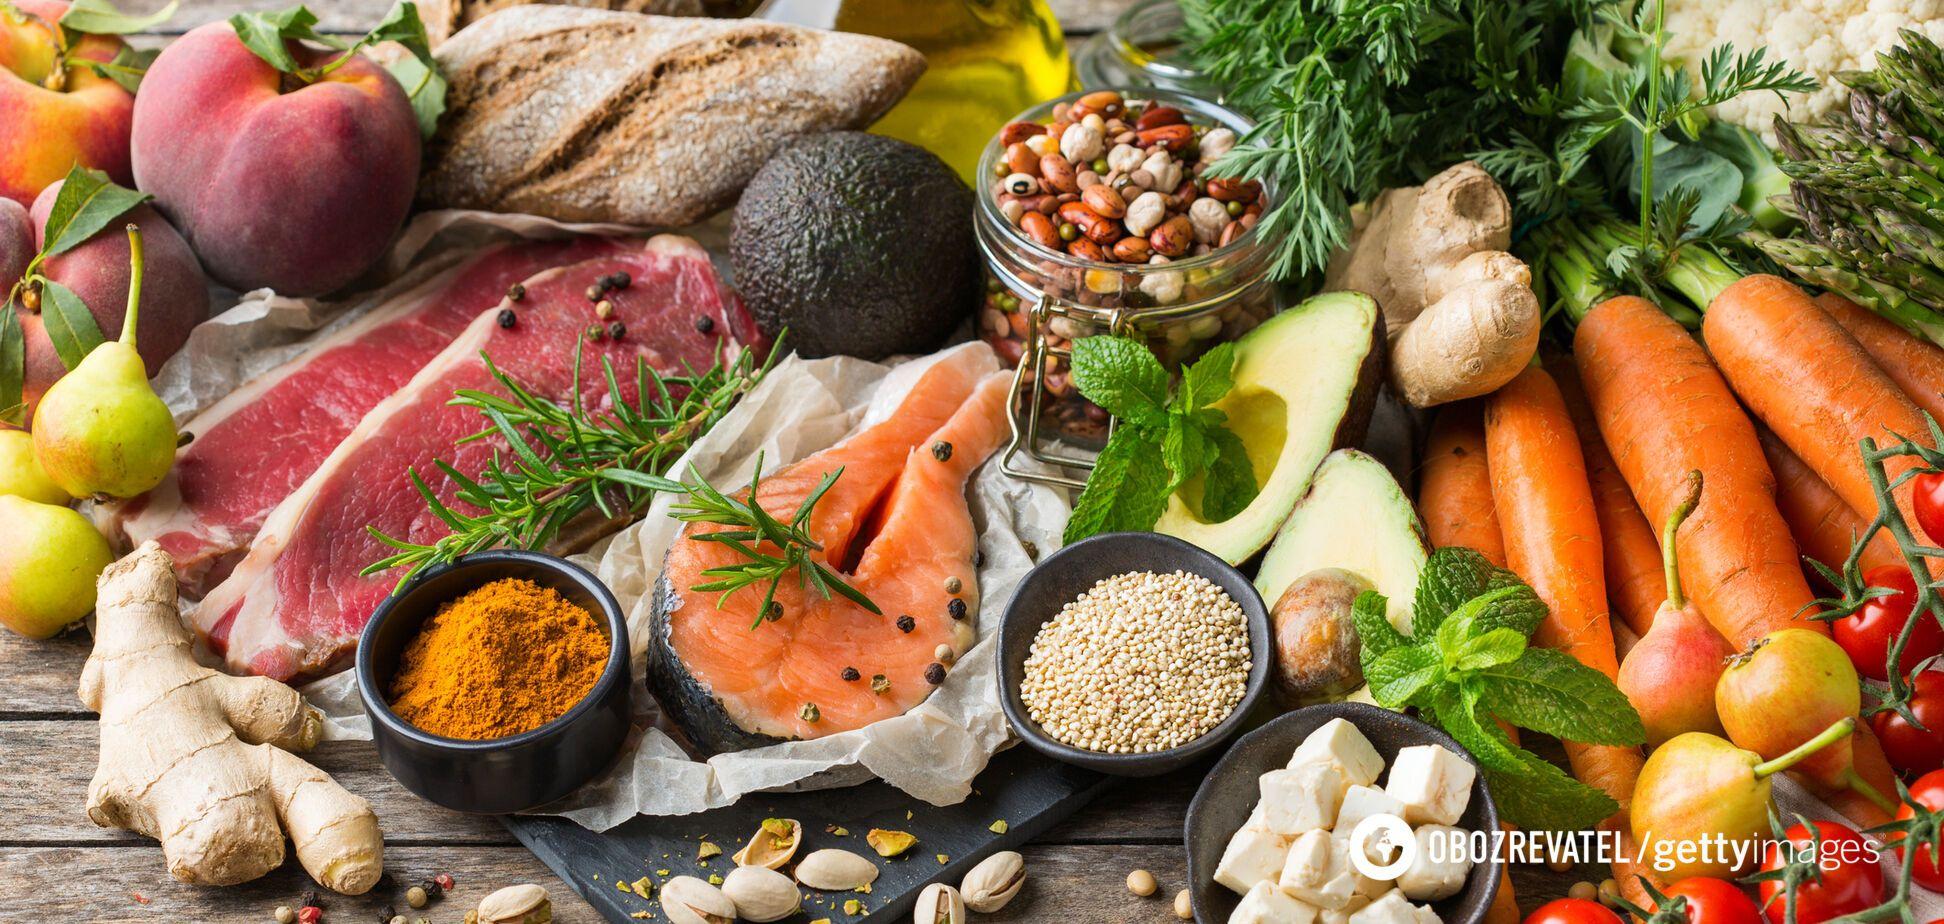 Диеты связаны с профилактикой сердечно-сосудистых и желудочно-кишечных заболеваний